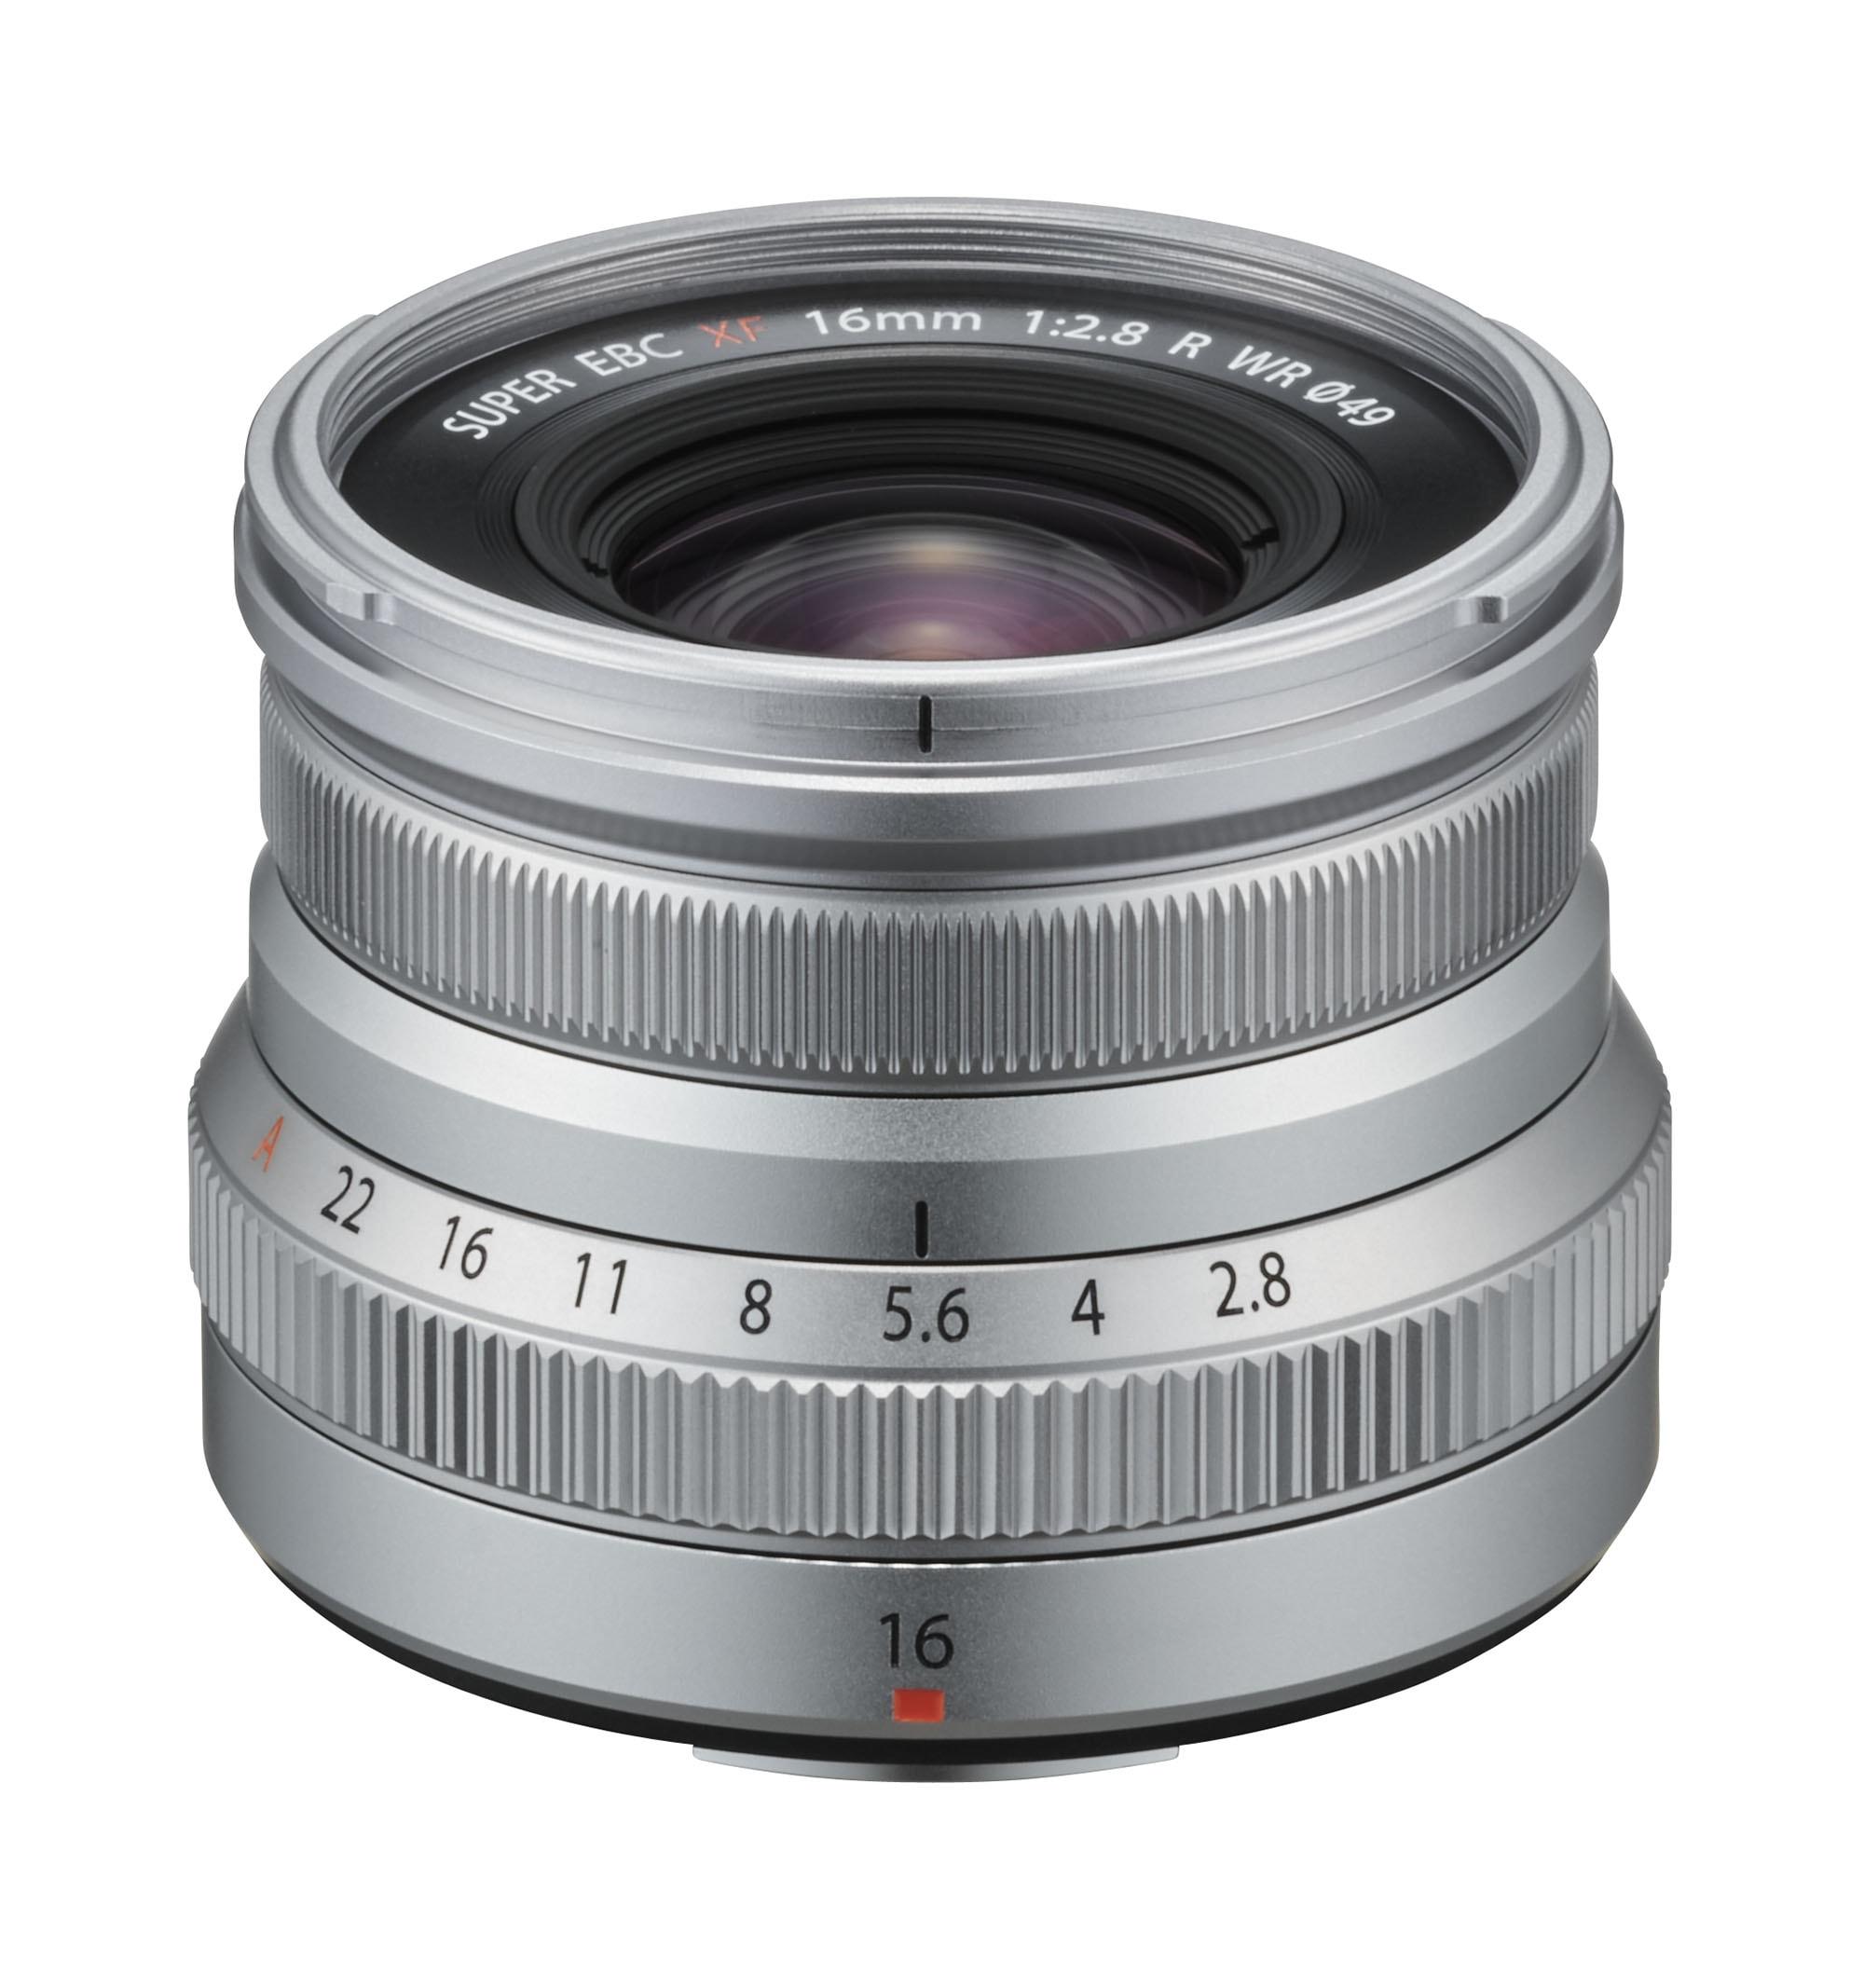 Fujifilm XF 16mm f/2,8 WR Silver